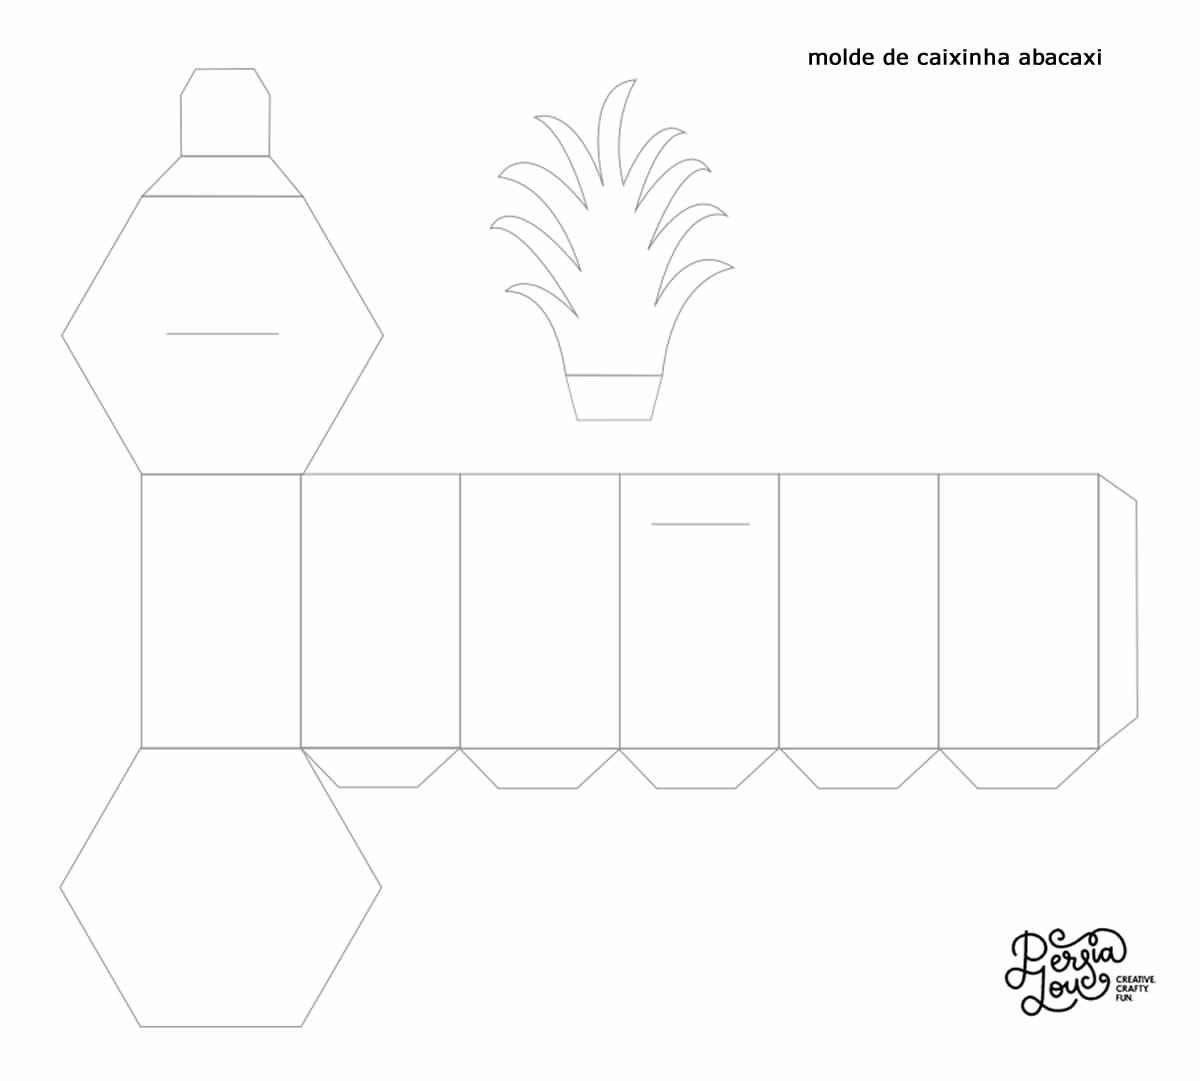 Molde de caixinha abacaxi